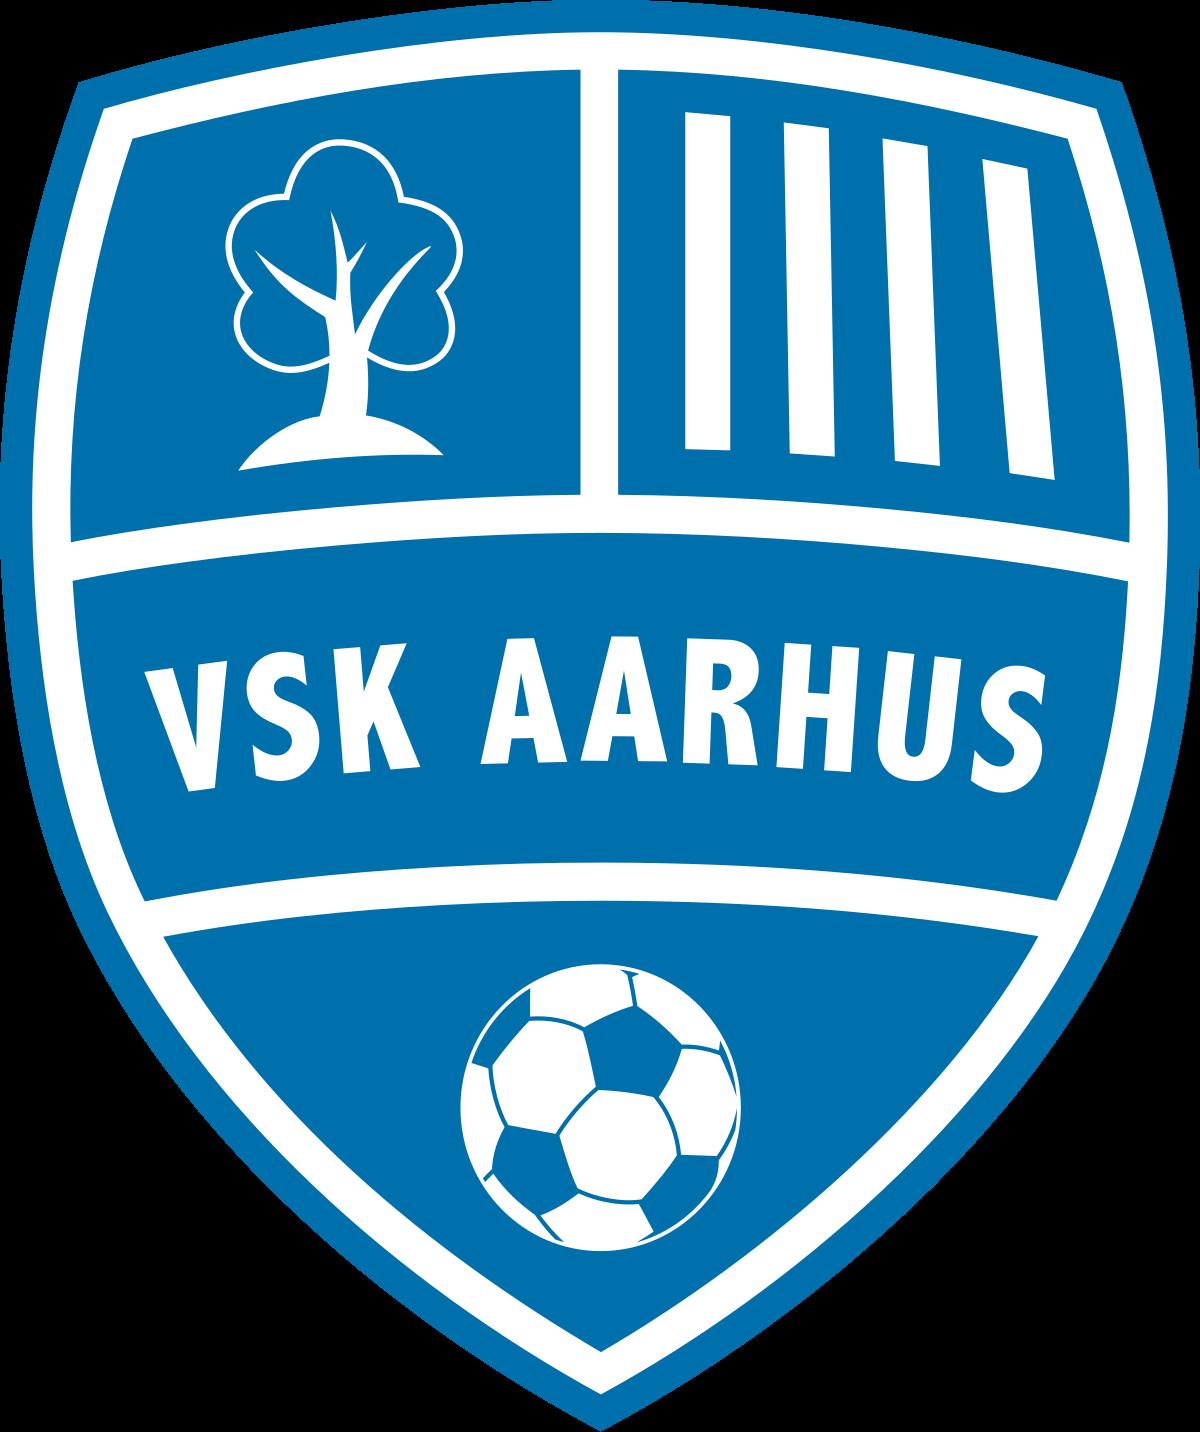 VSK Aarhus W logo